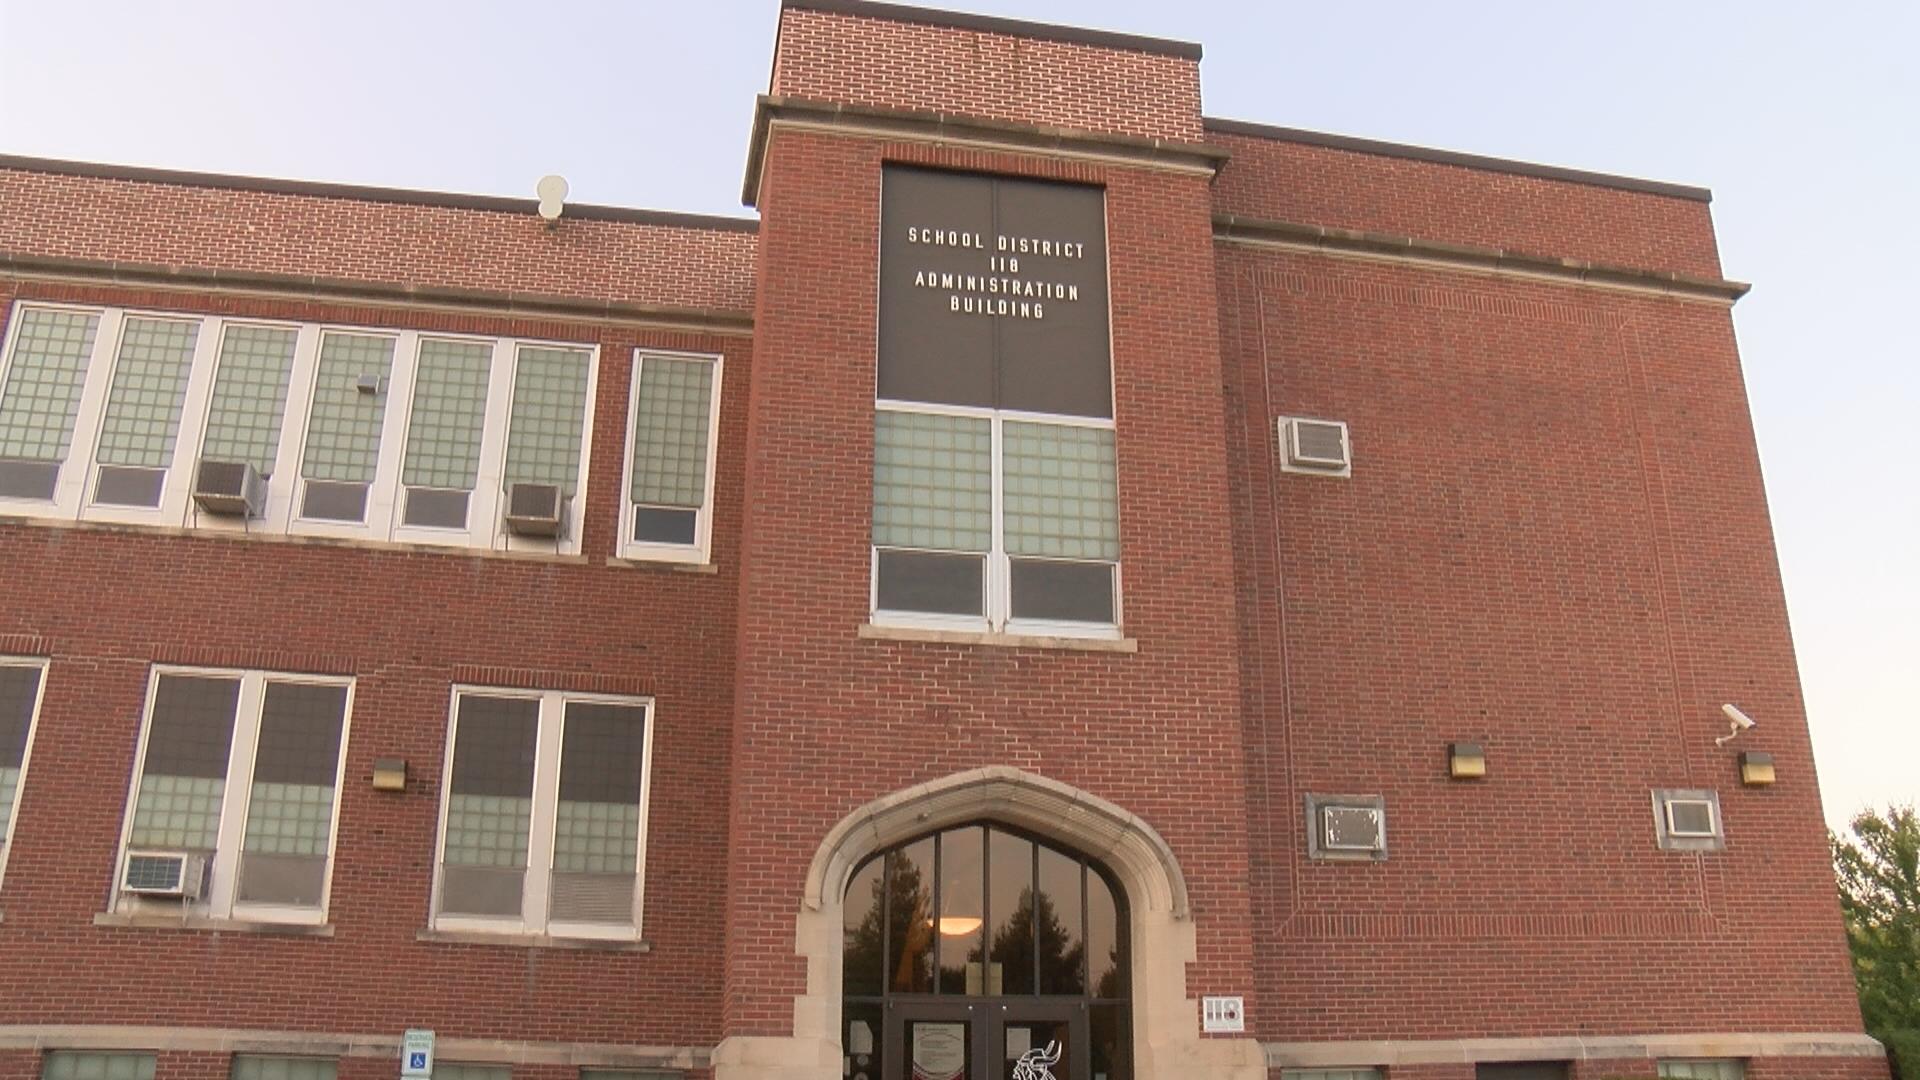 danville school district.jpg